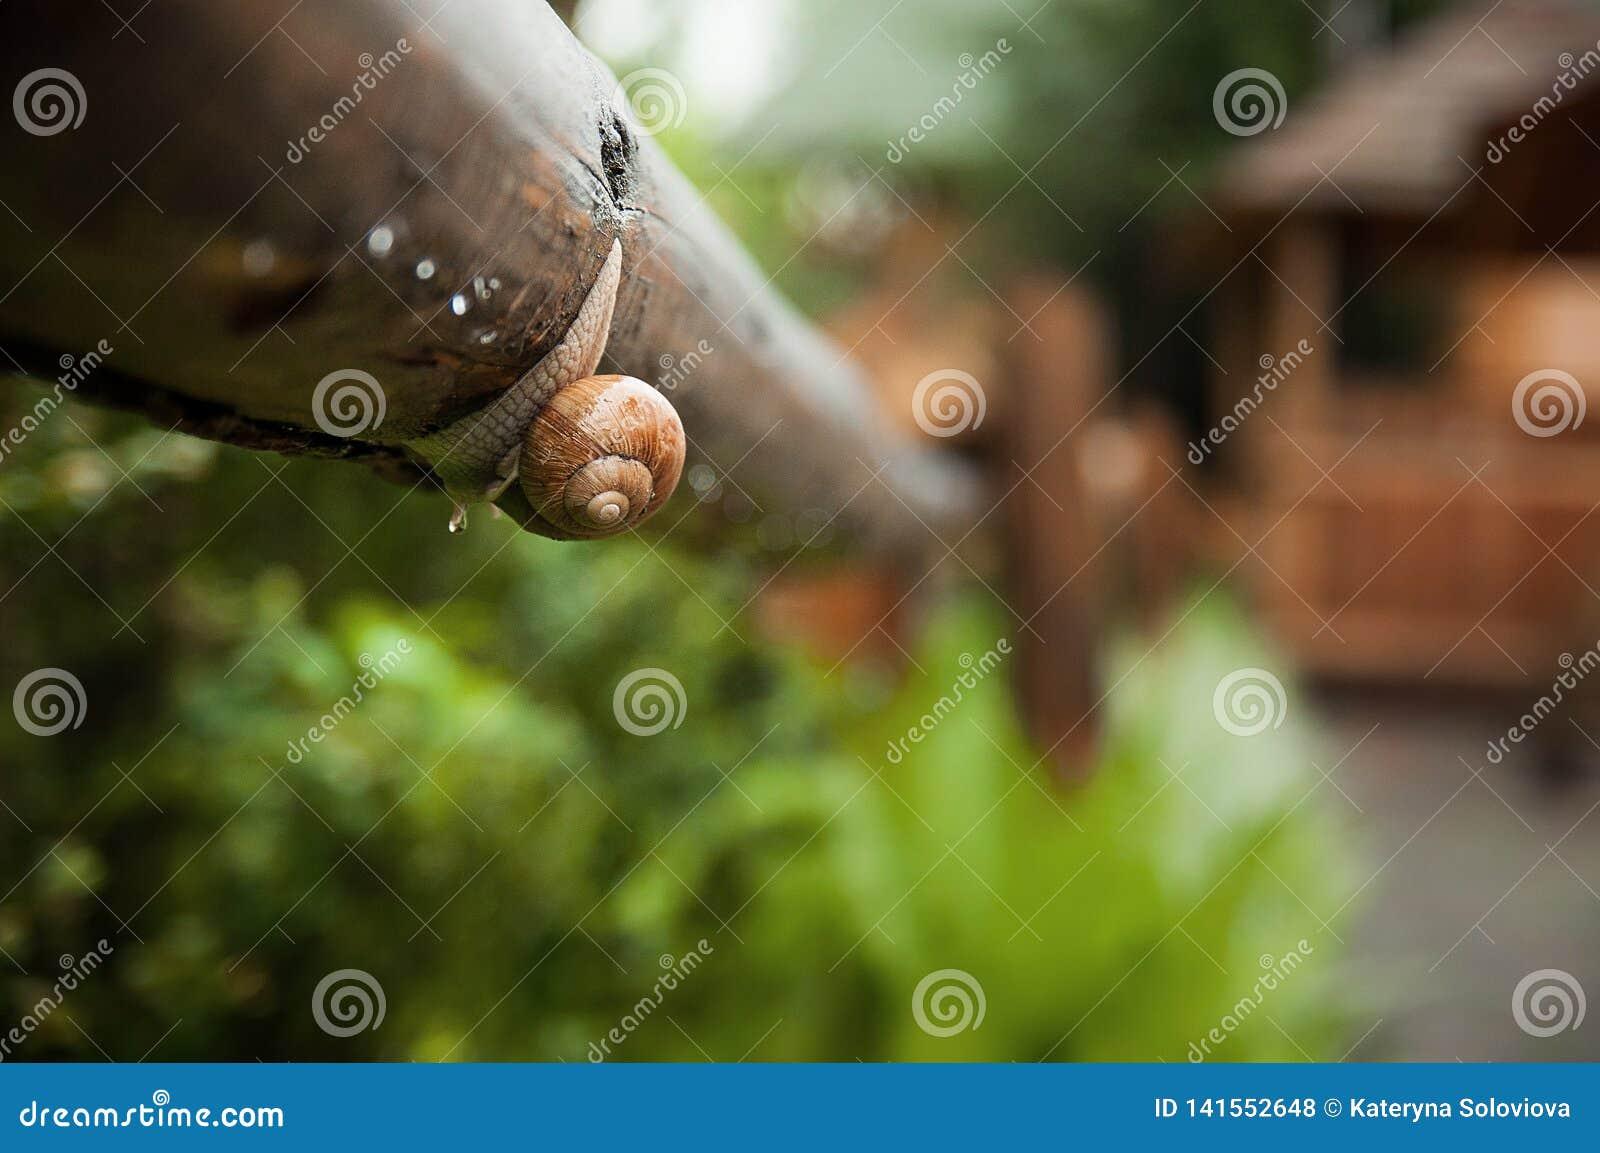 Kropelka i ślimaczek na liściu po deszczu